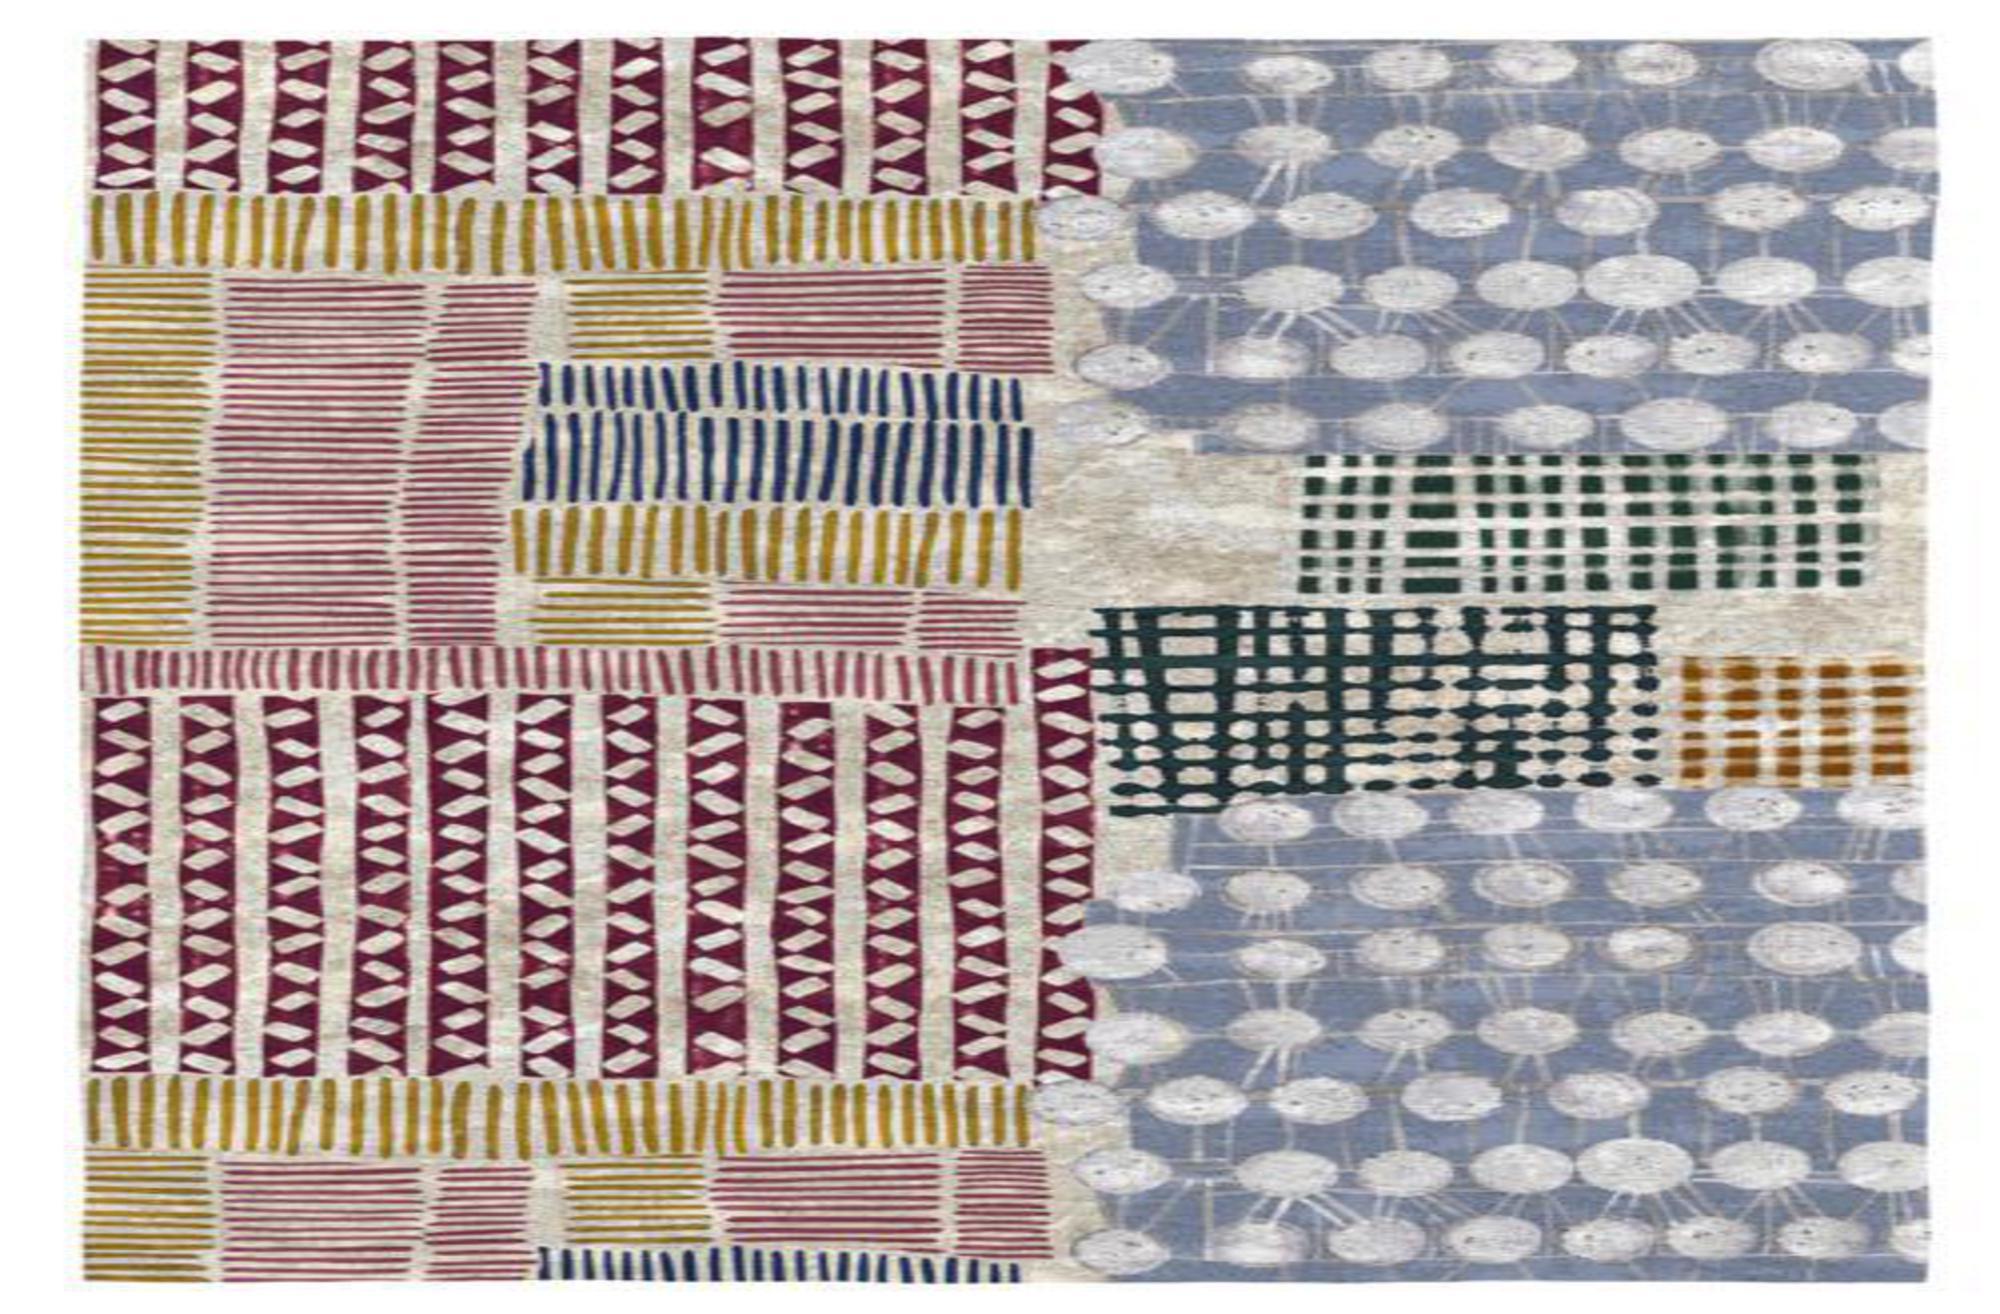 Rodier Tapis décoratif en coton en impression numérique 80x150